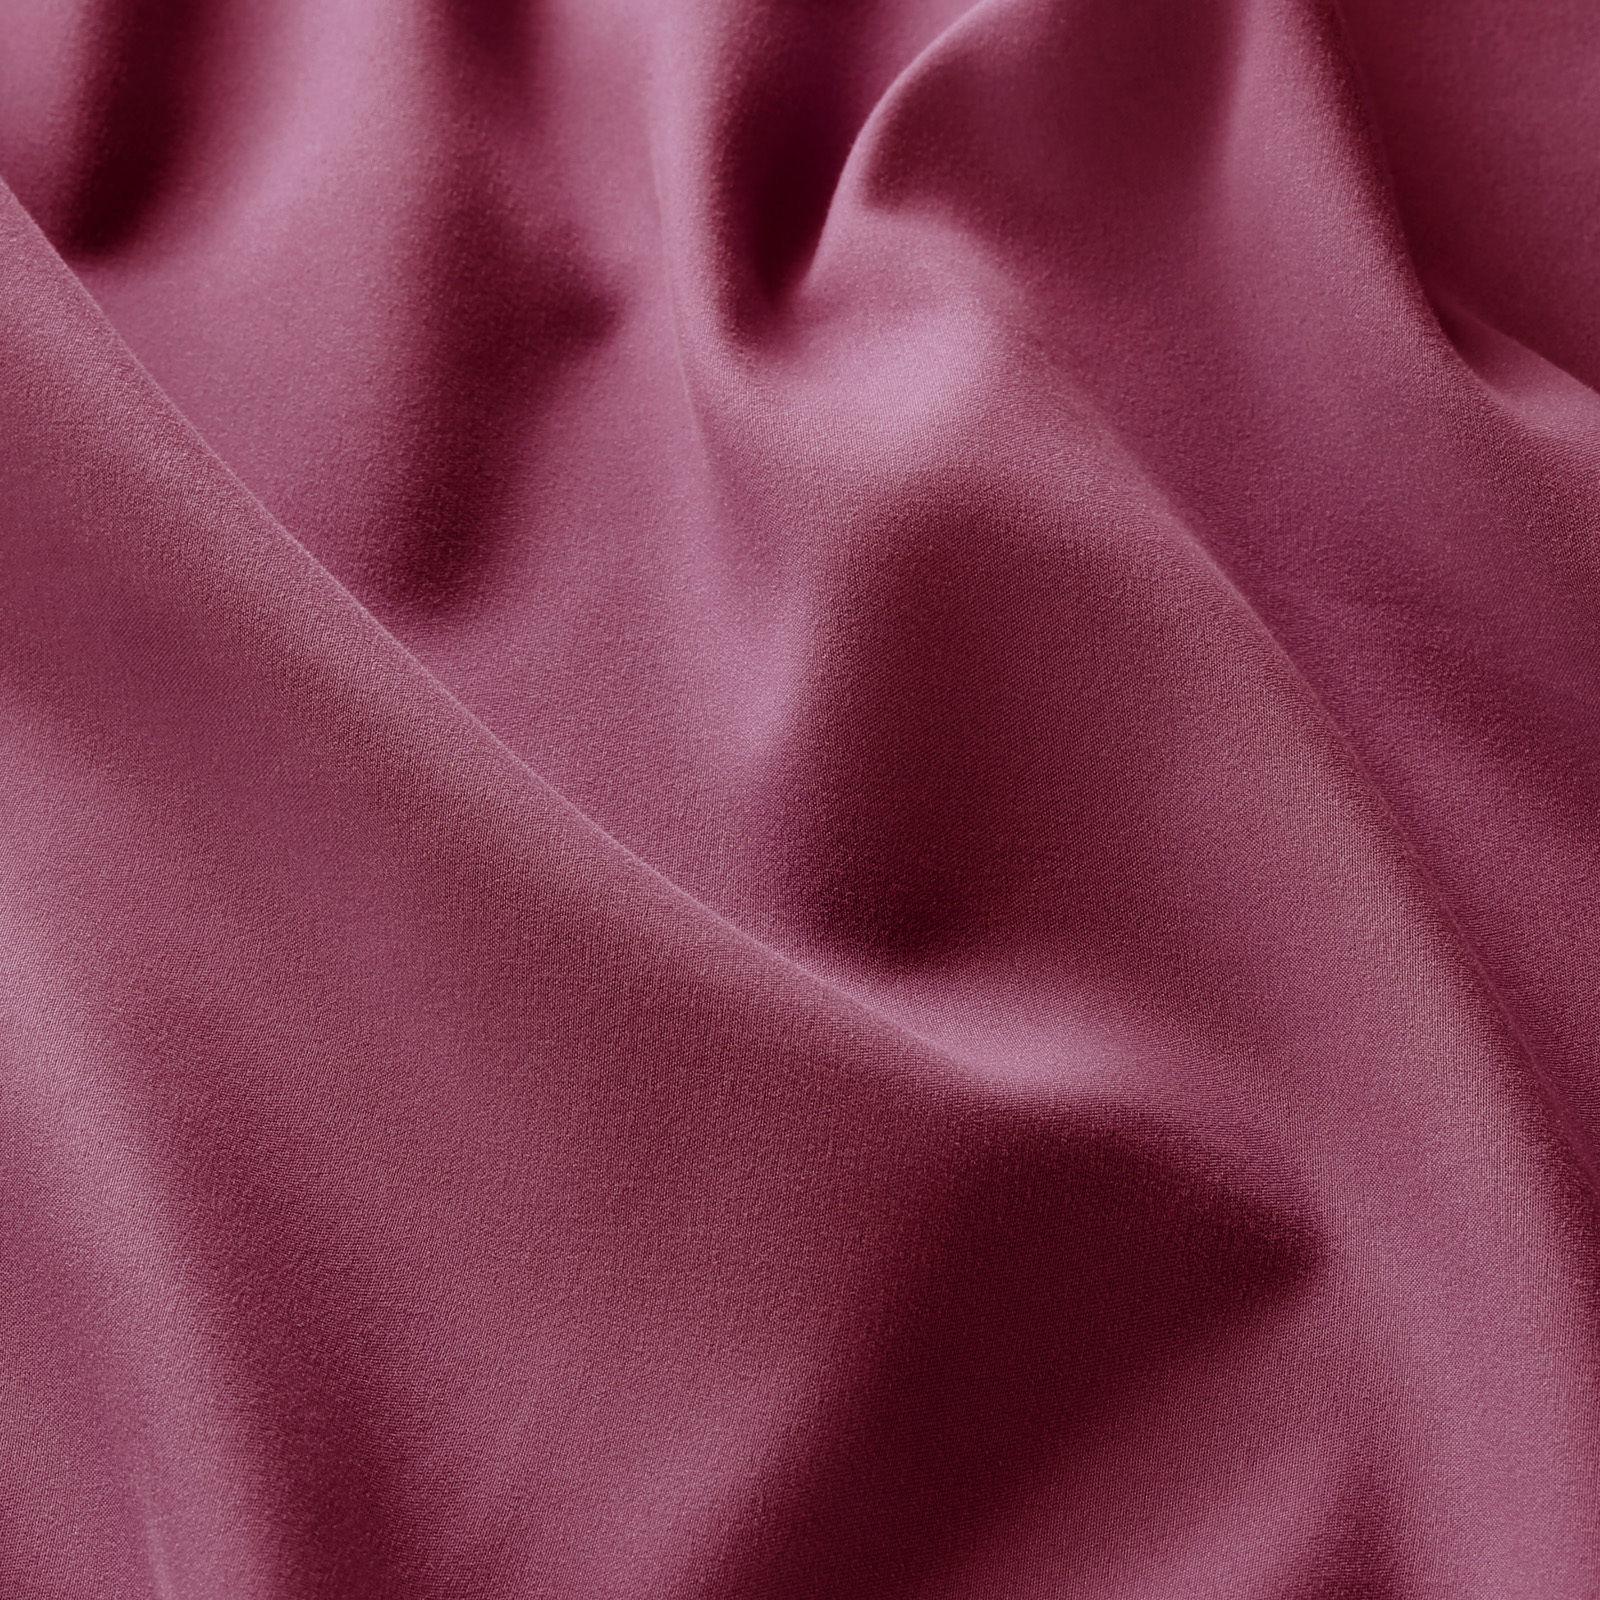 Schlaufenschal-inkl-Kraeuselband-blickdicht-Gardine-Vorhang-Dekoschal-Uni-Typ117 Indexbild 19